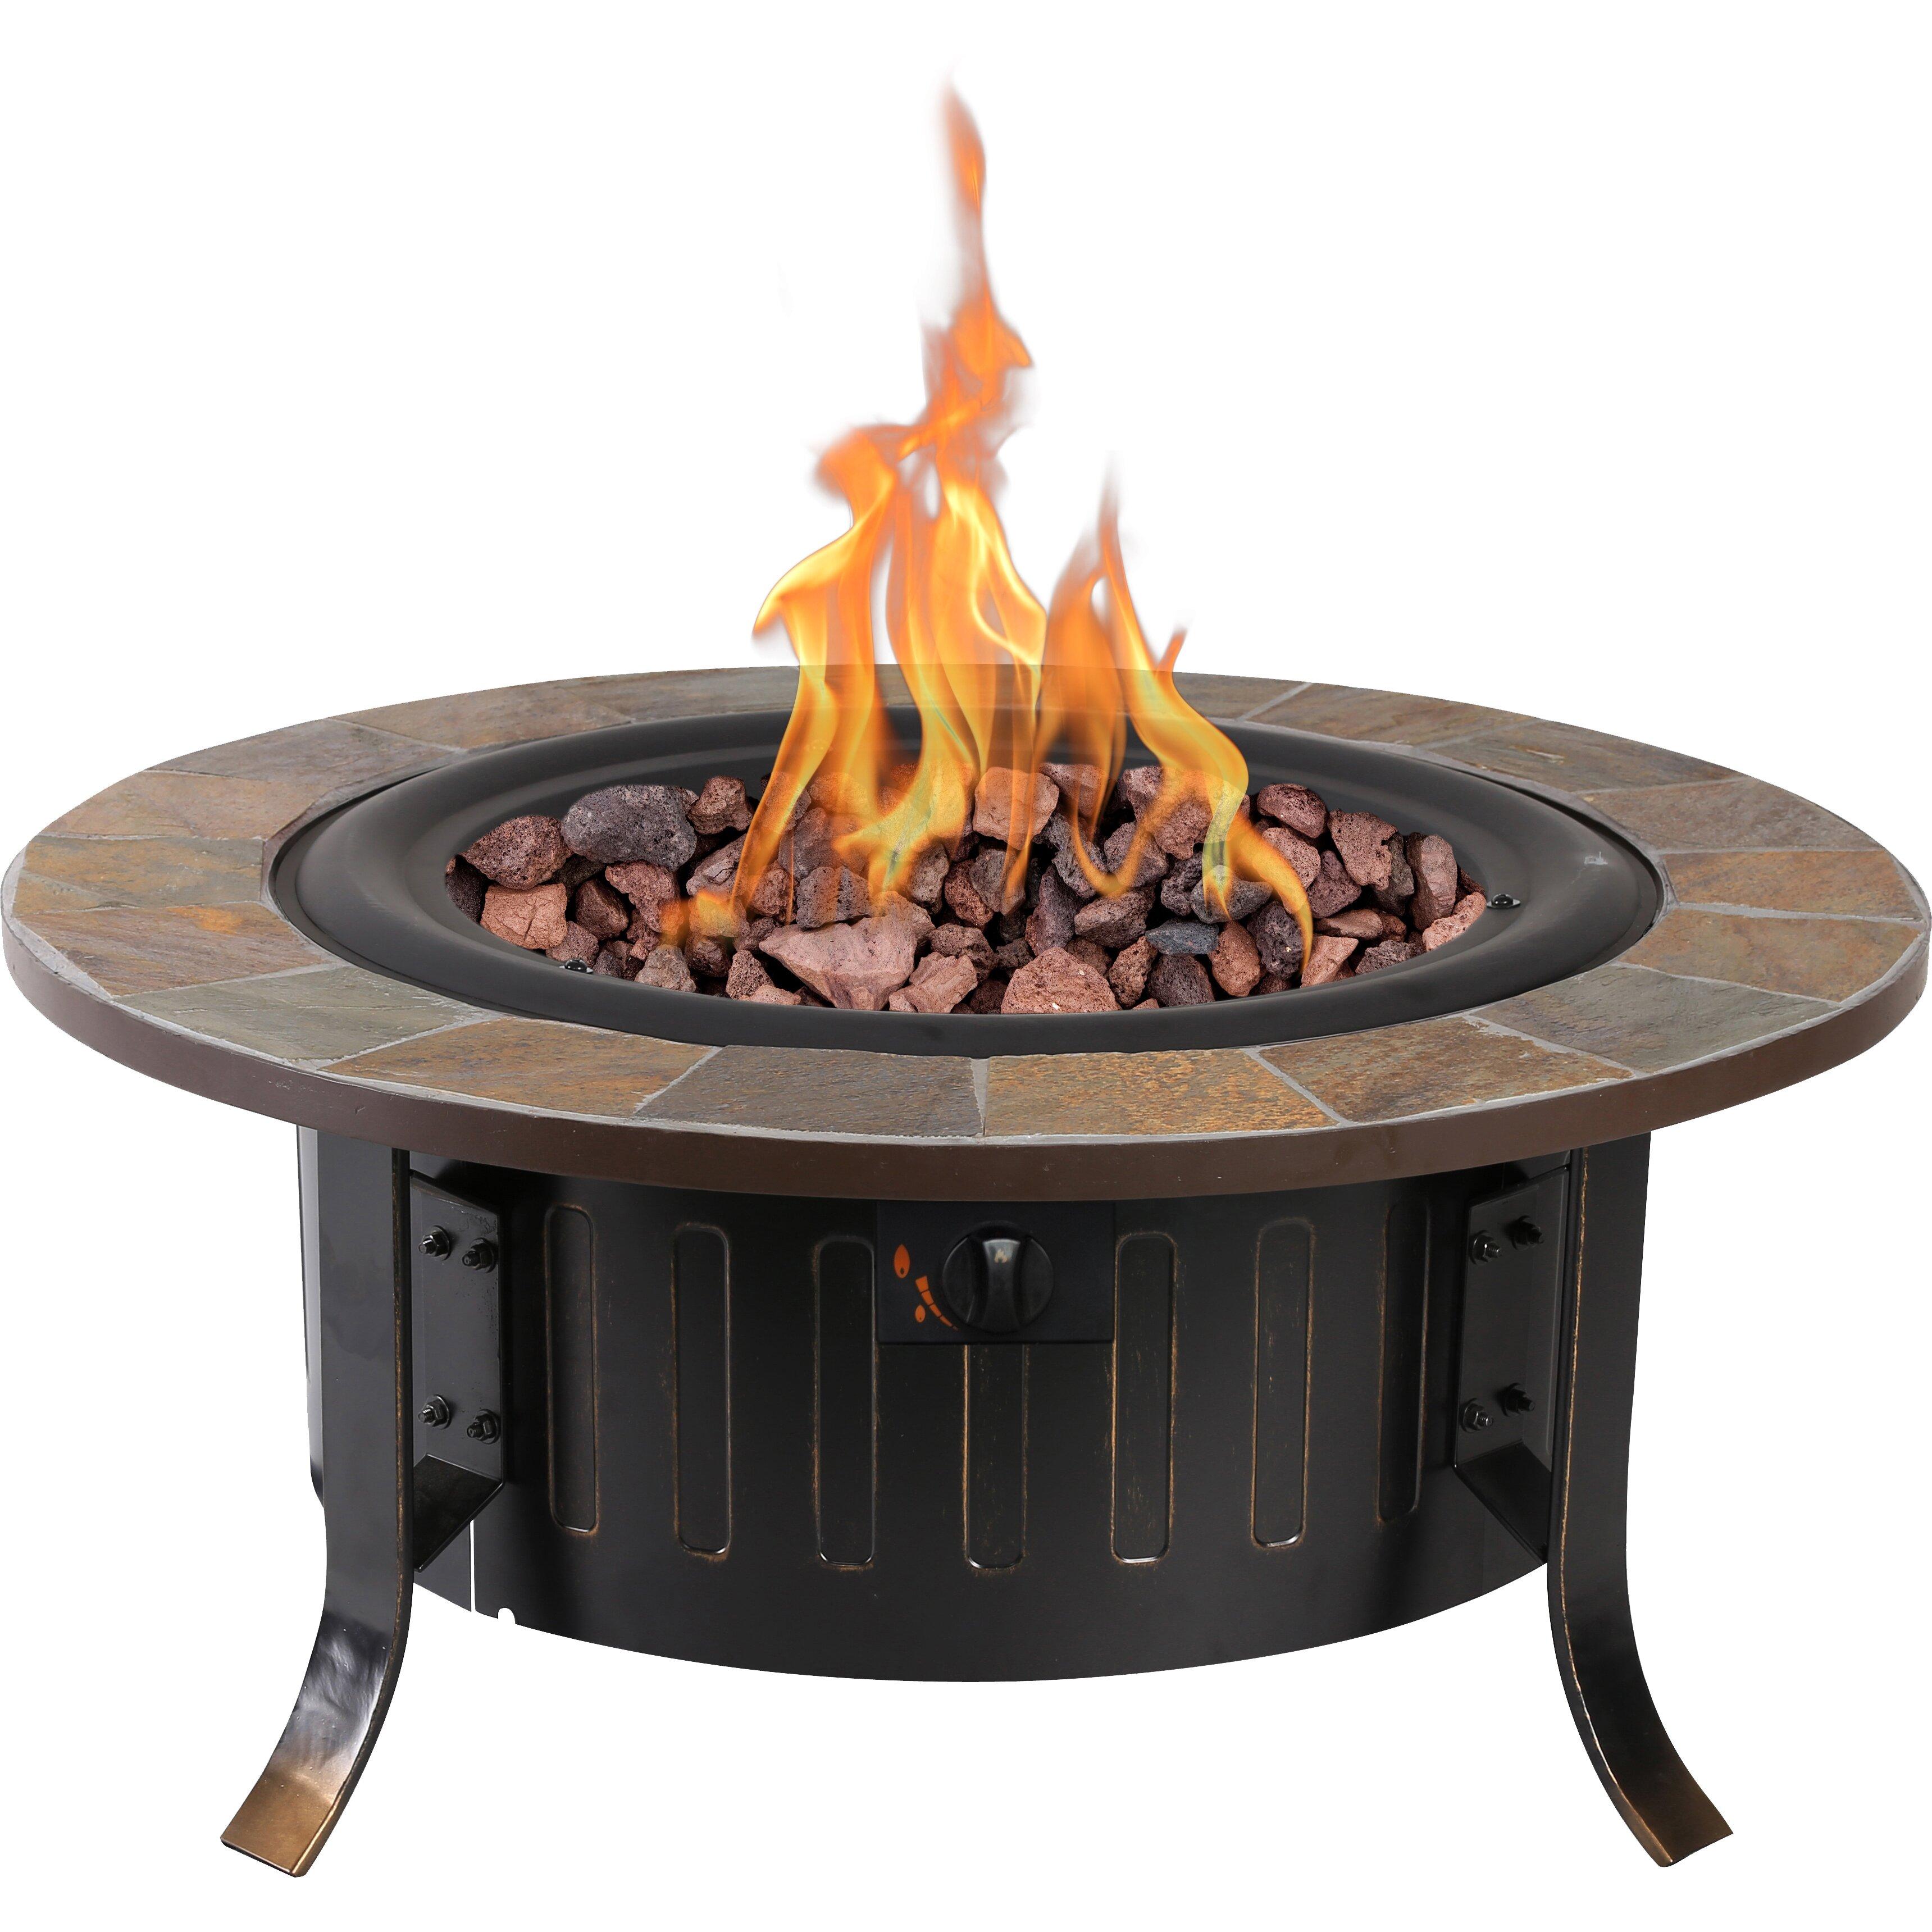 Bond Bolen Steel Outdoor Gas Table Top Fireplace Amp Reviews